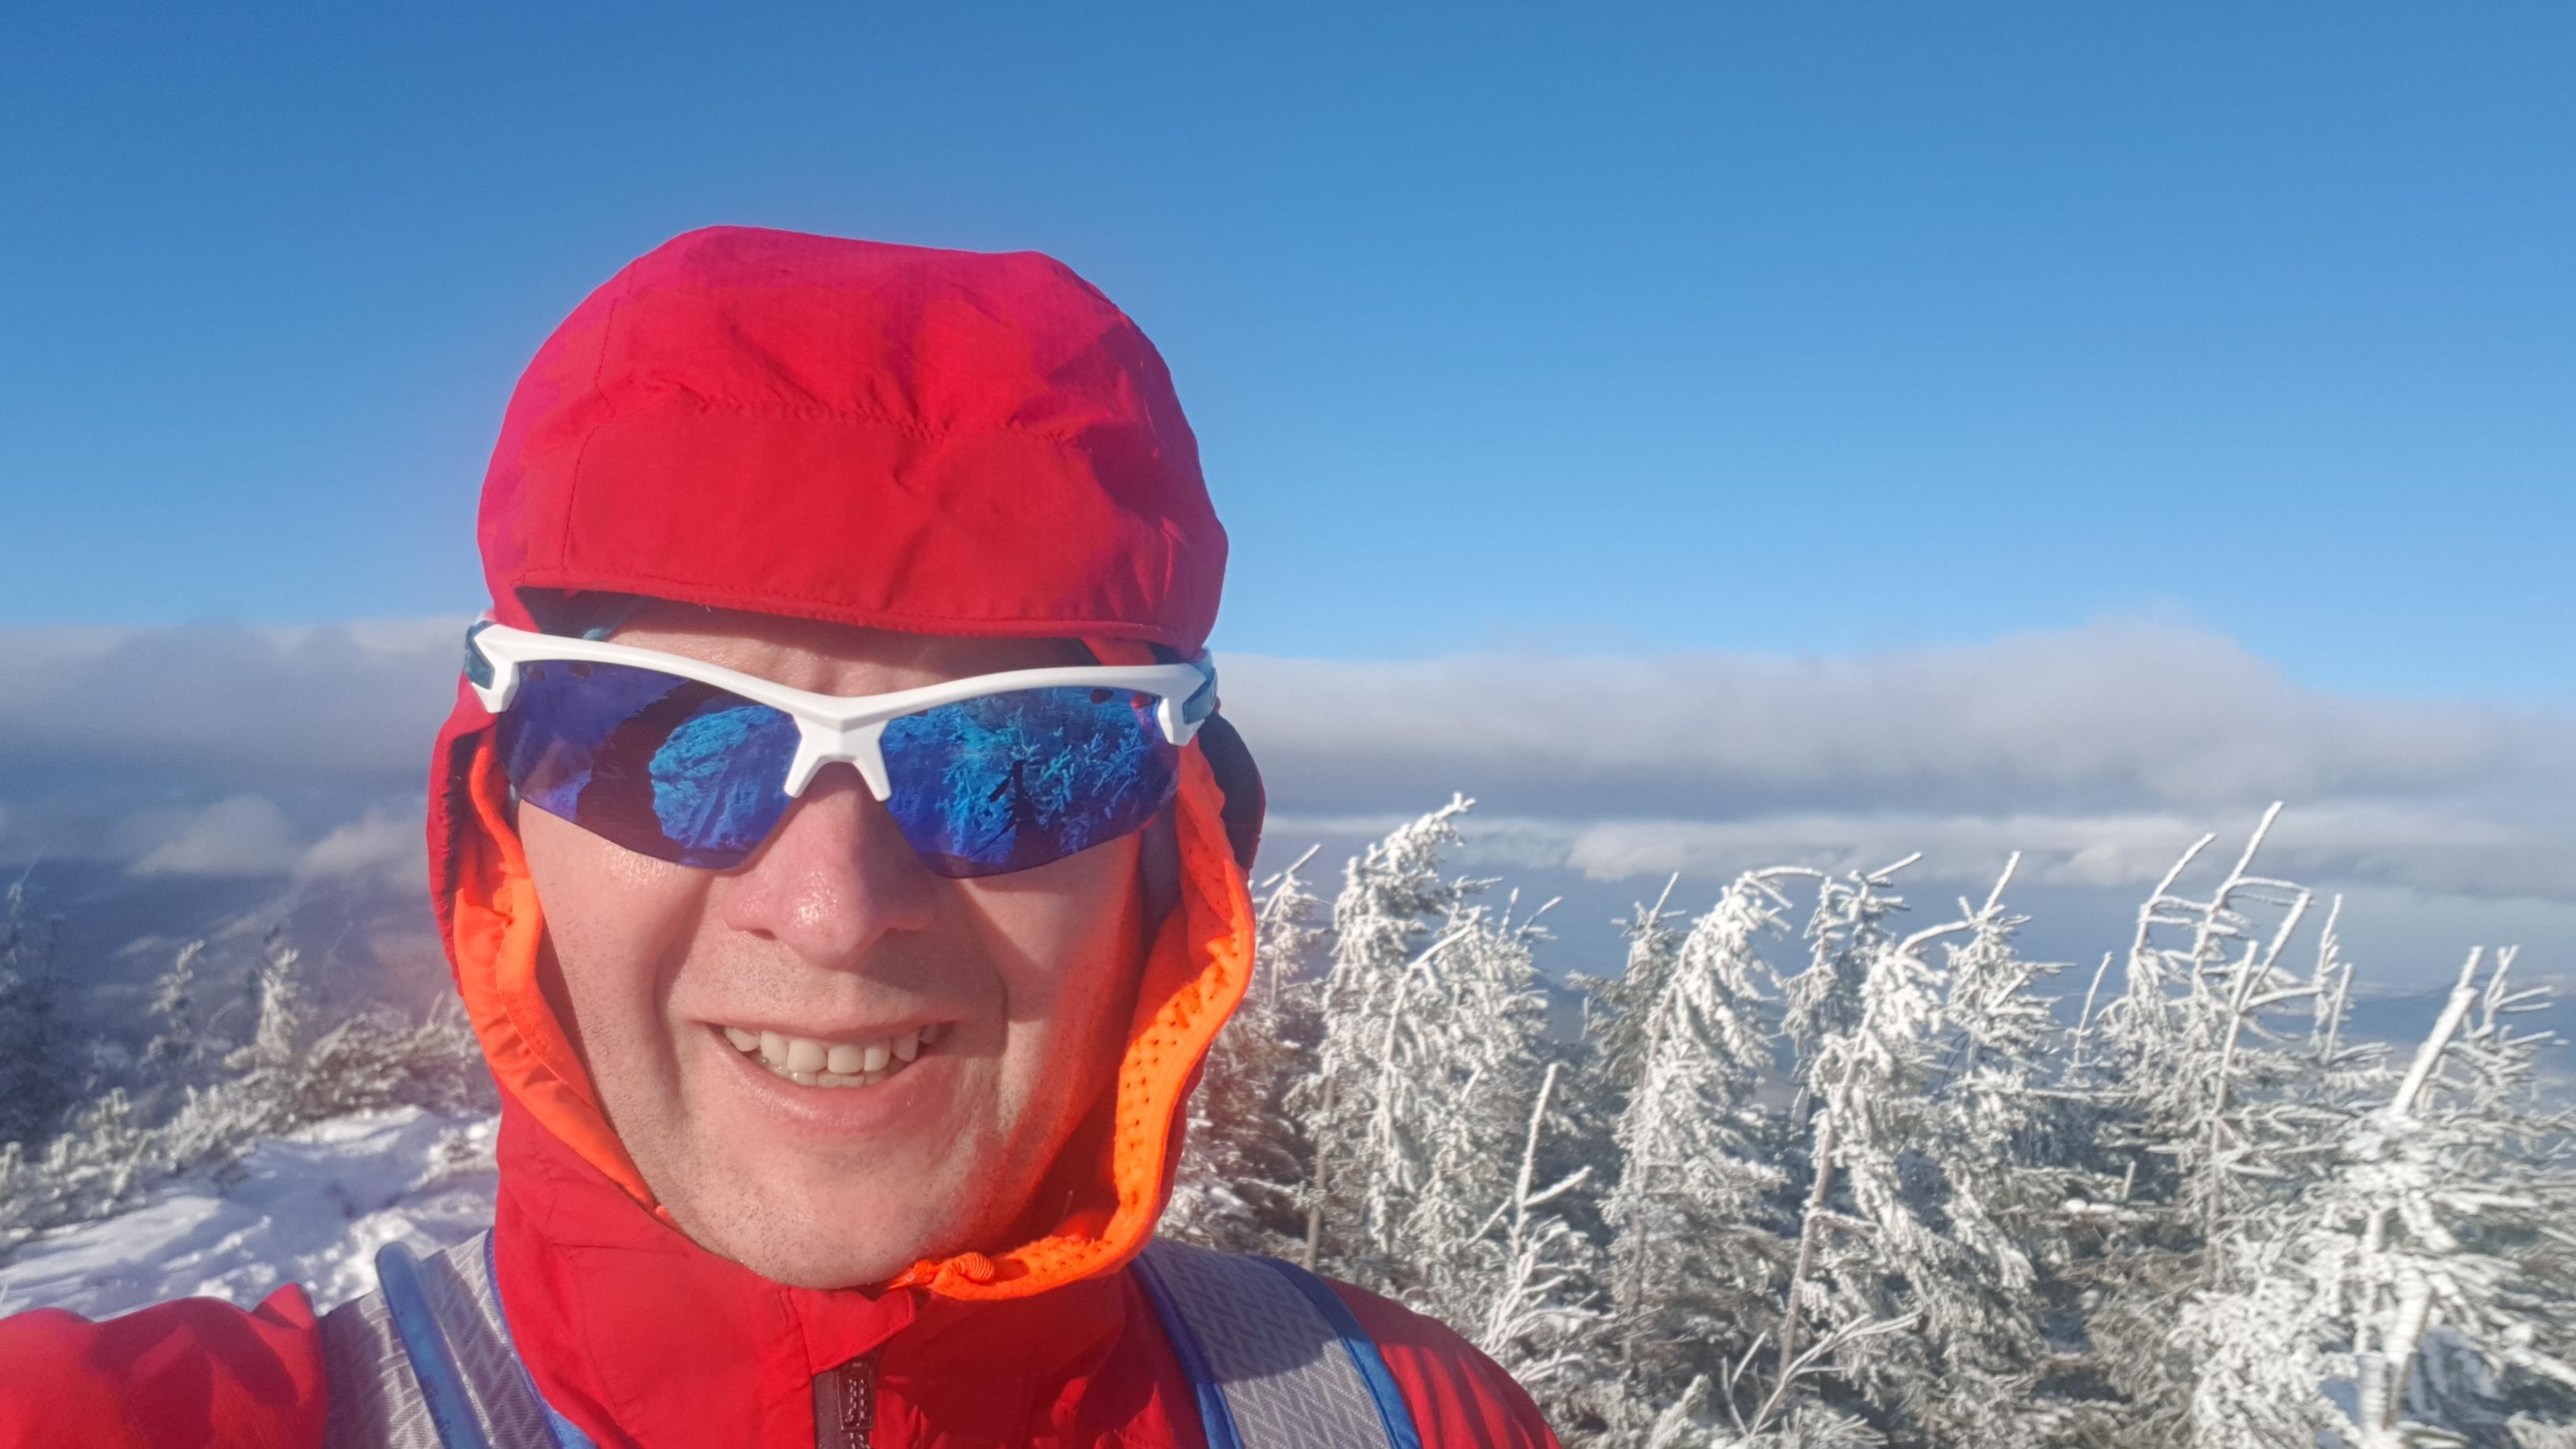 bieganie w zimie uśmiech